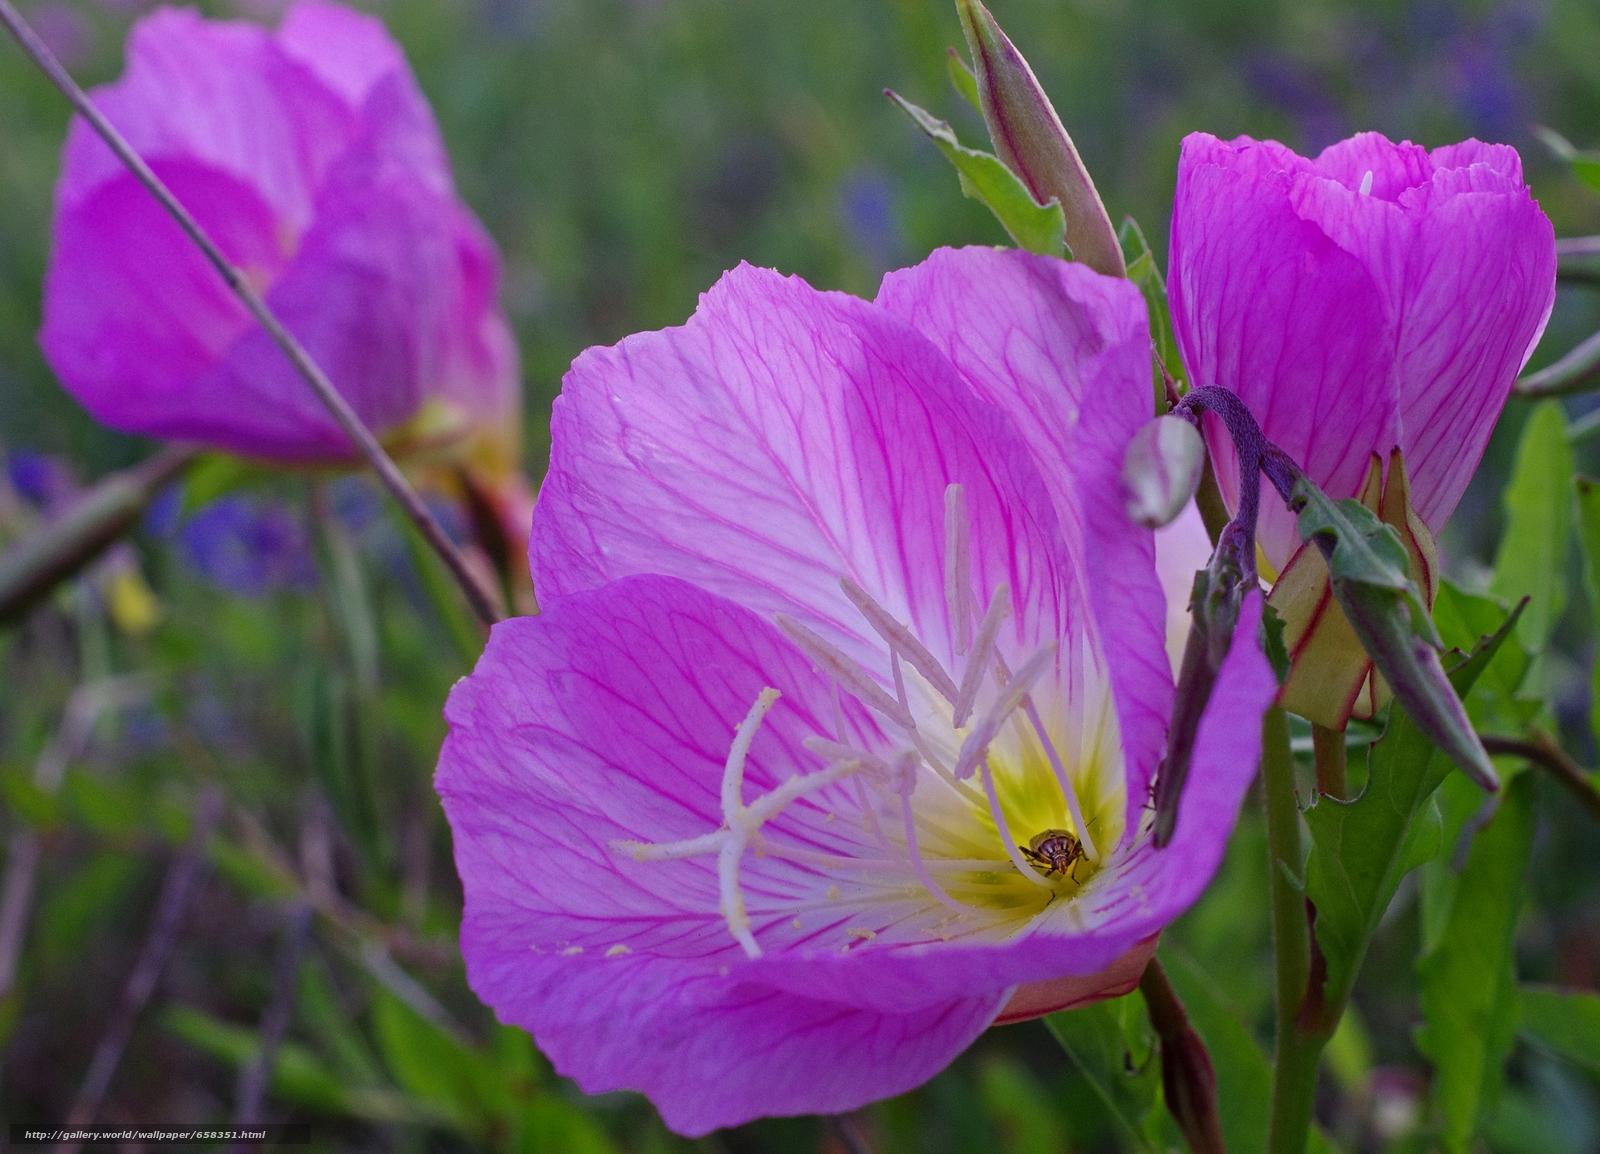 Скачать обои цветок,  цветы,  флора бесплатно для рабочего стола в разрешении 4513x3254 — картинка №658351